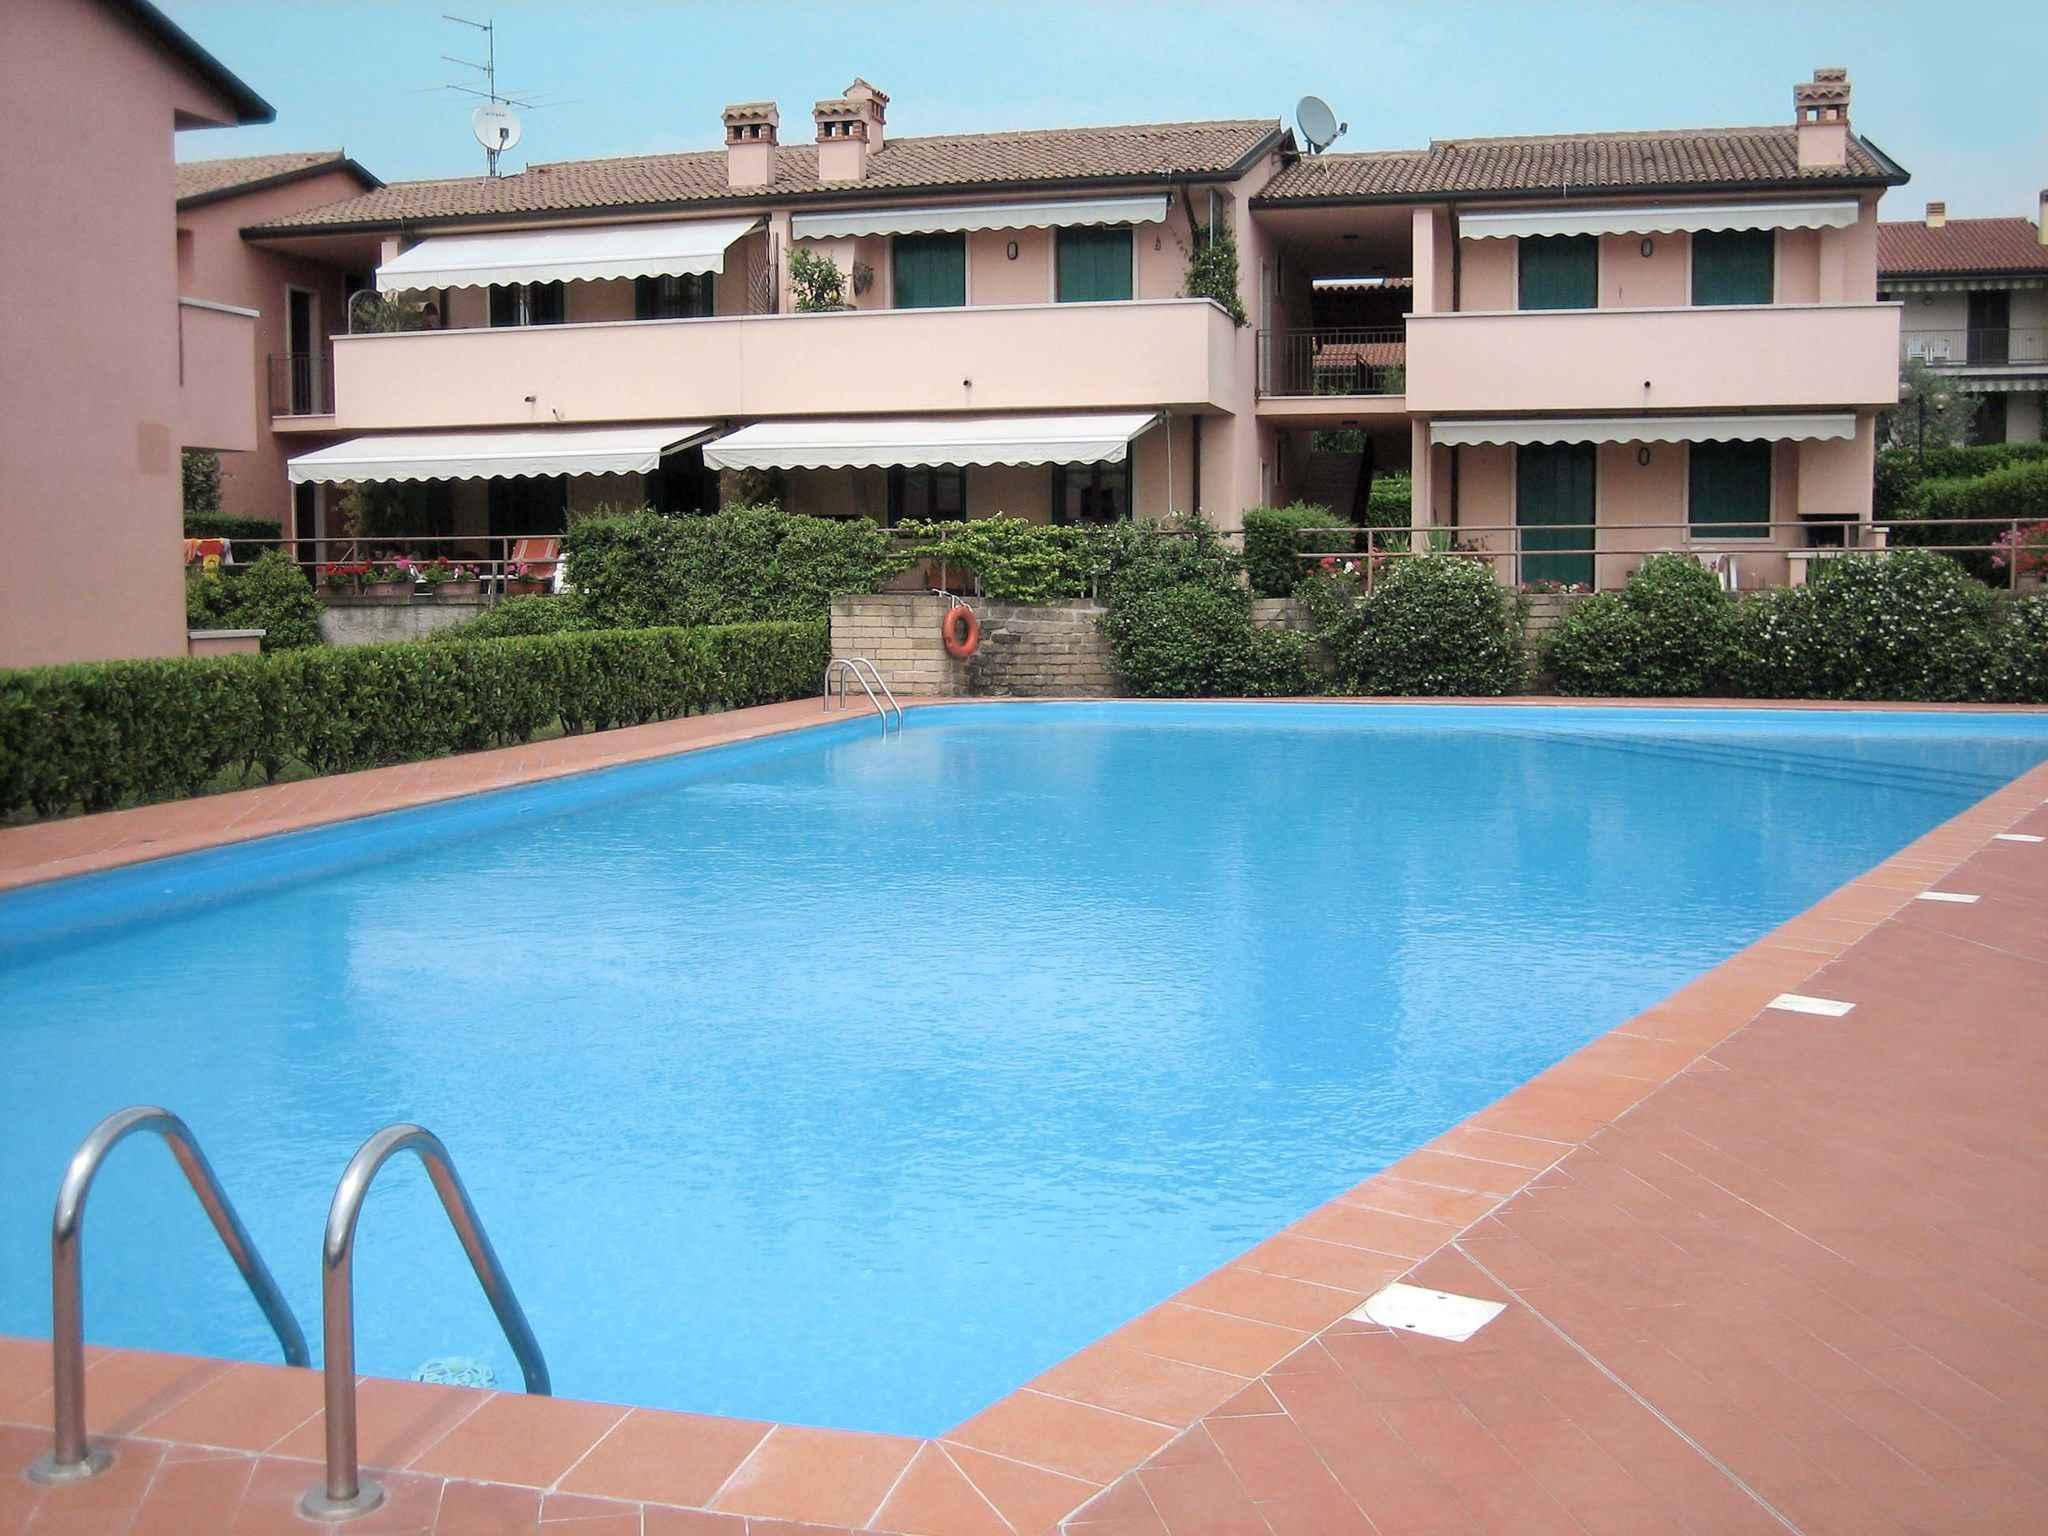 Ferienwohnung con piscina esterna   Gardasee - Lago di Garda